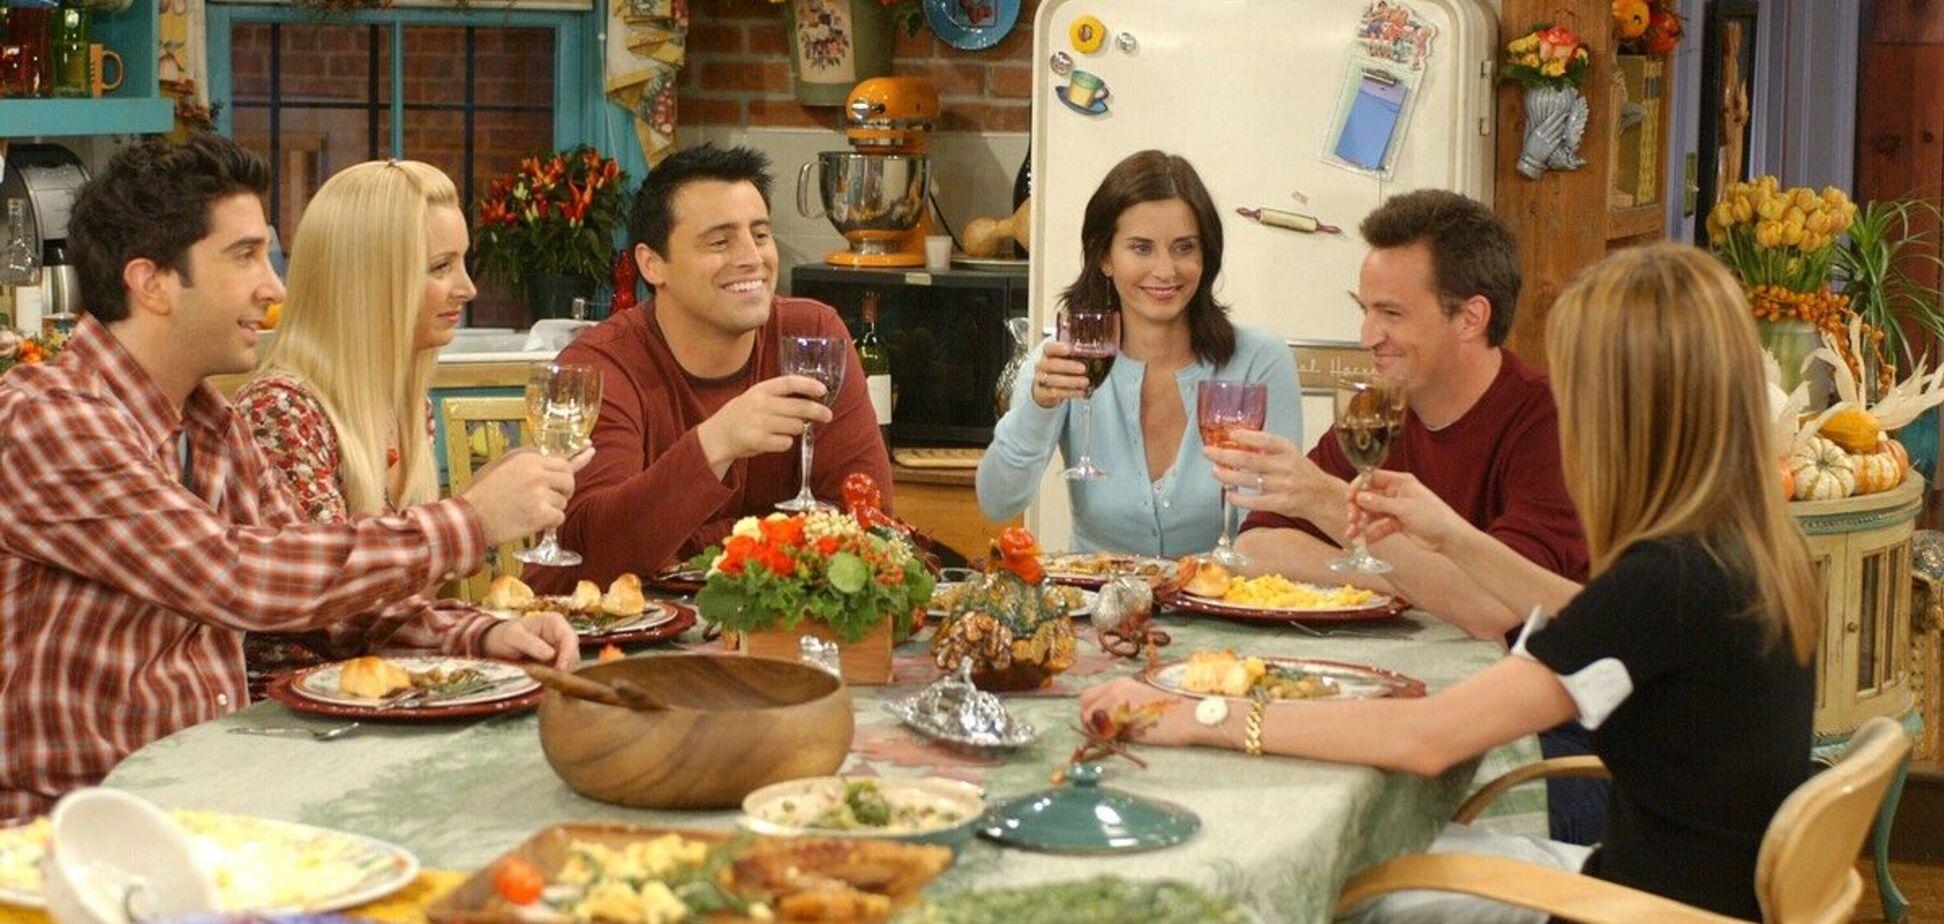 Їжа з кіно: 3 рецепти із серіалу 'Друзі'